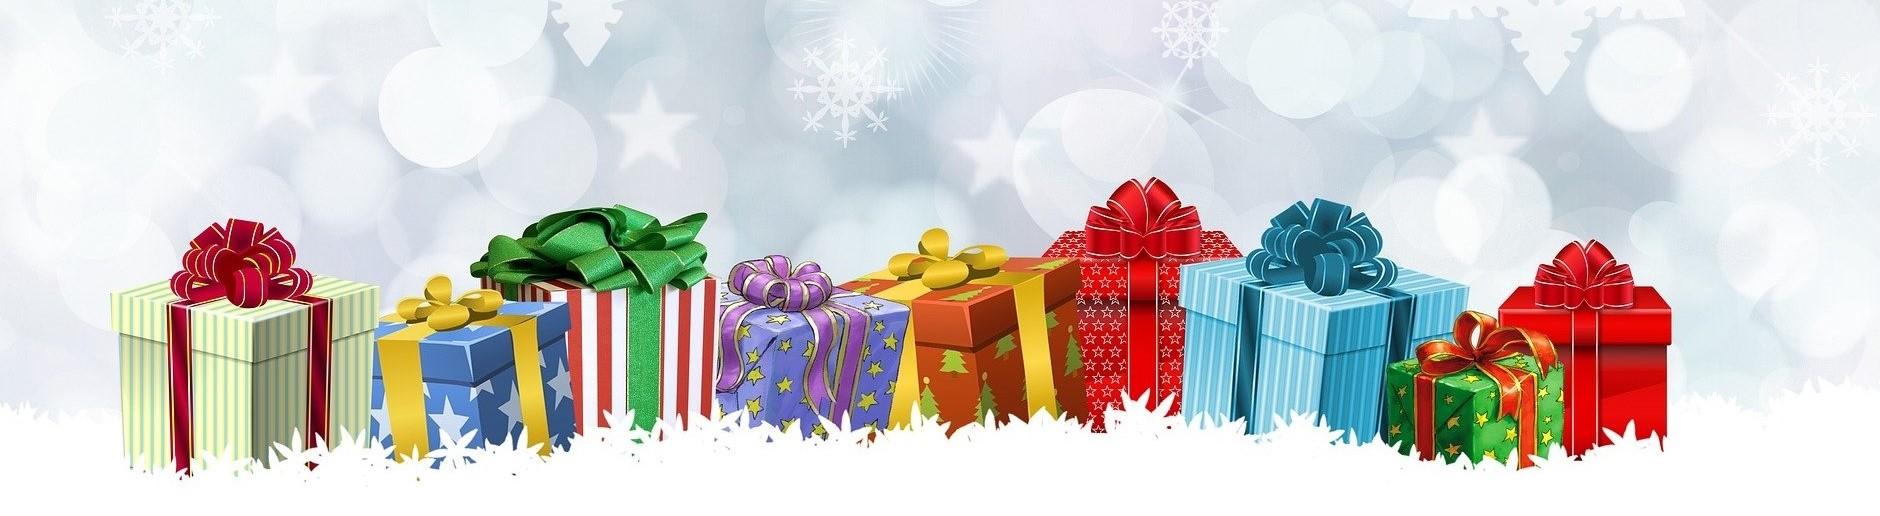 Header Bild Weihnachtswünsche erfüllen